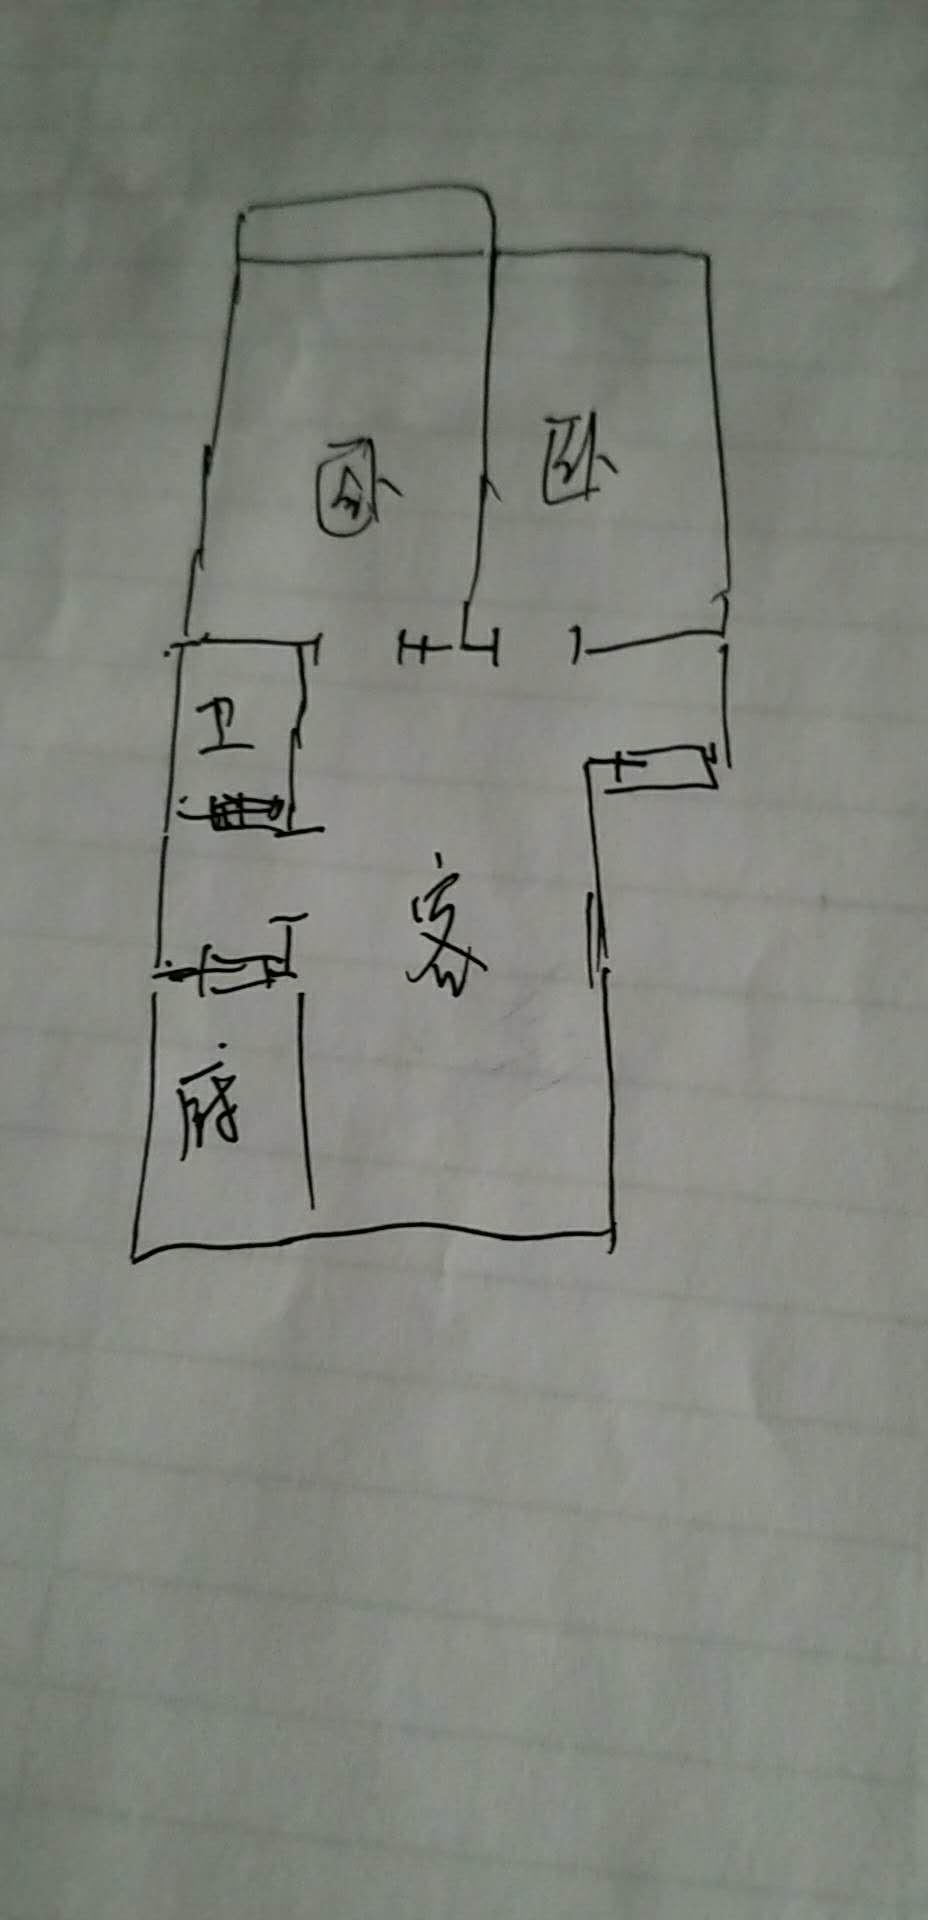 兆日花园 2室1厅 双证齐全 简装 72万